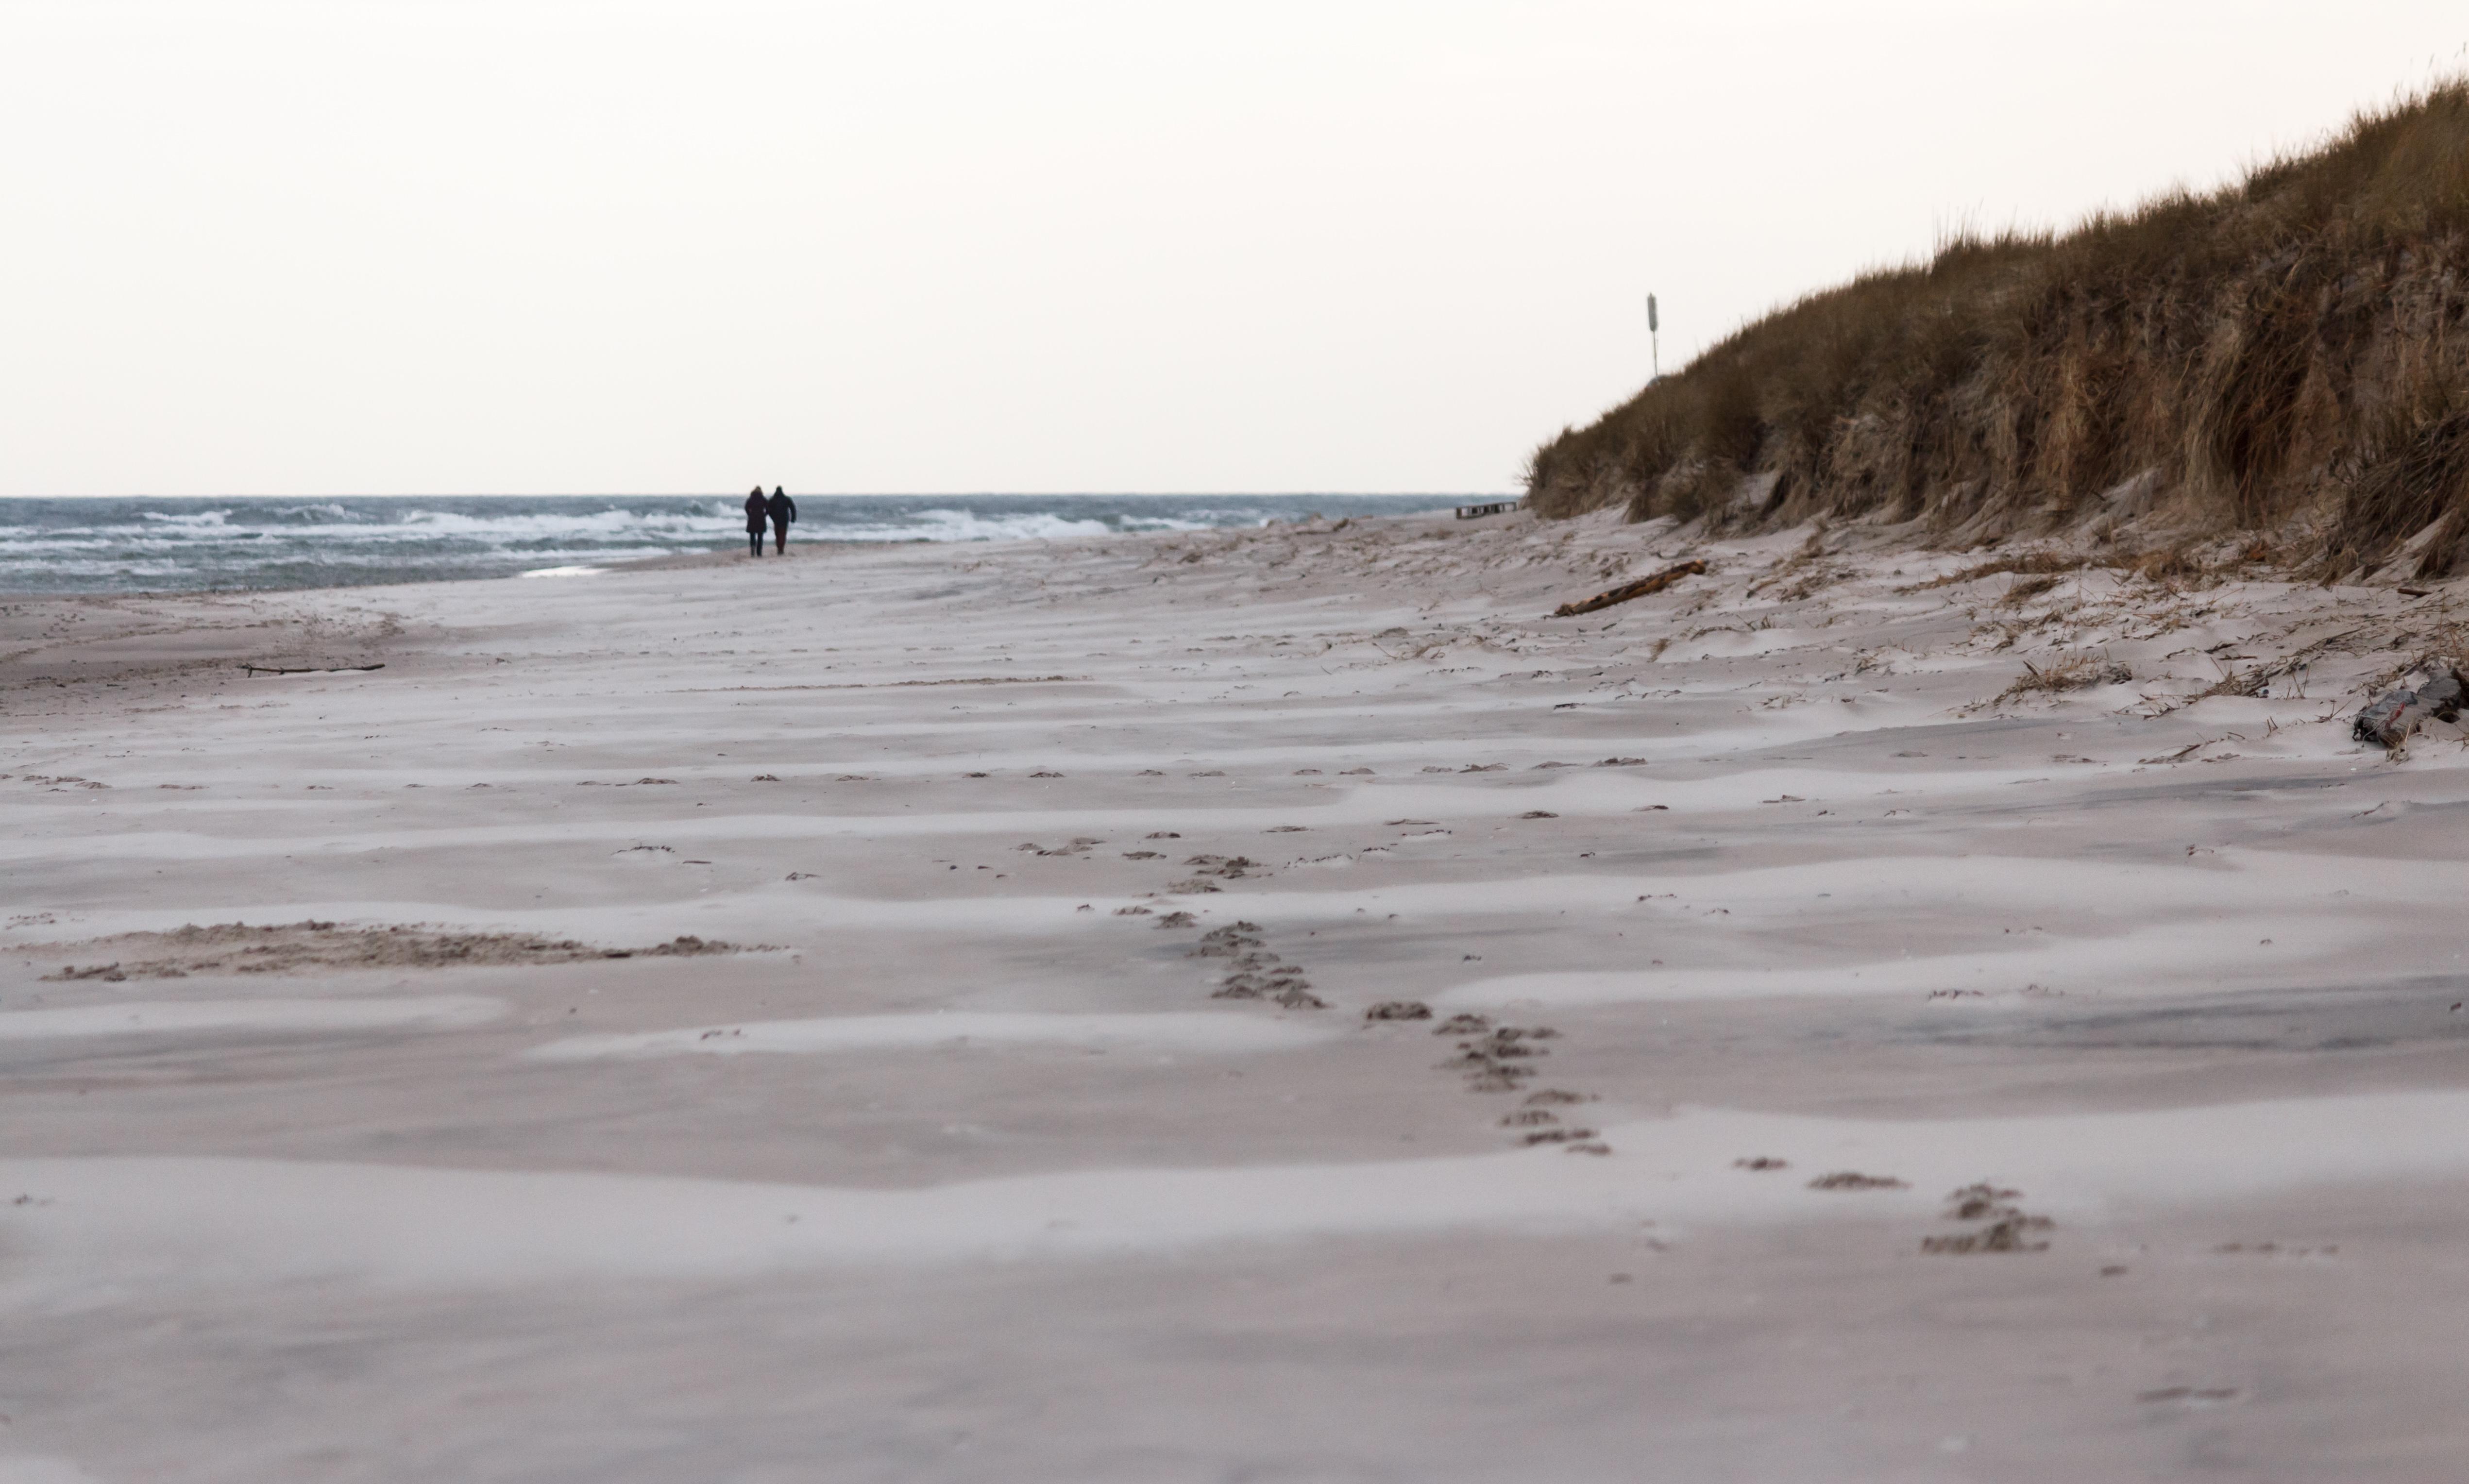 Beach_at_Sandhammaren_2015-03-29